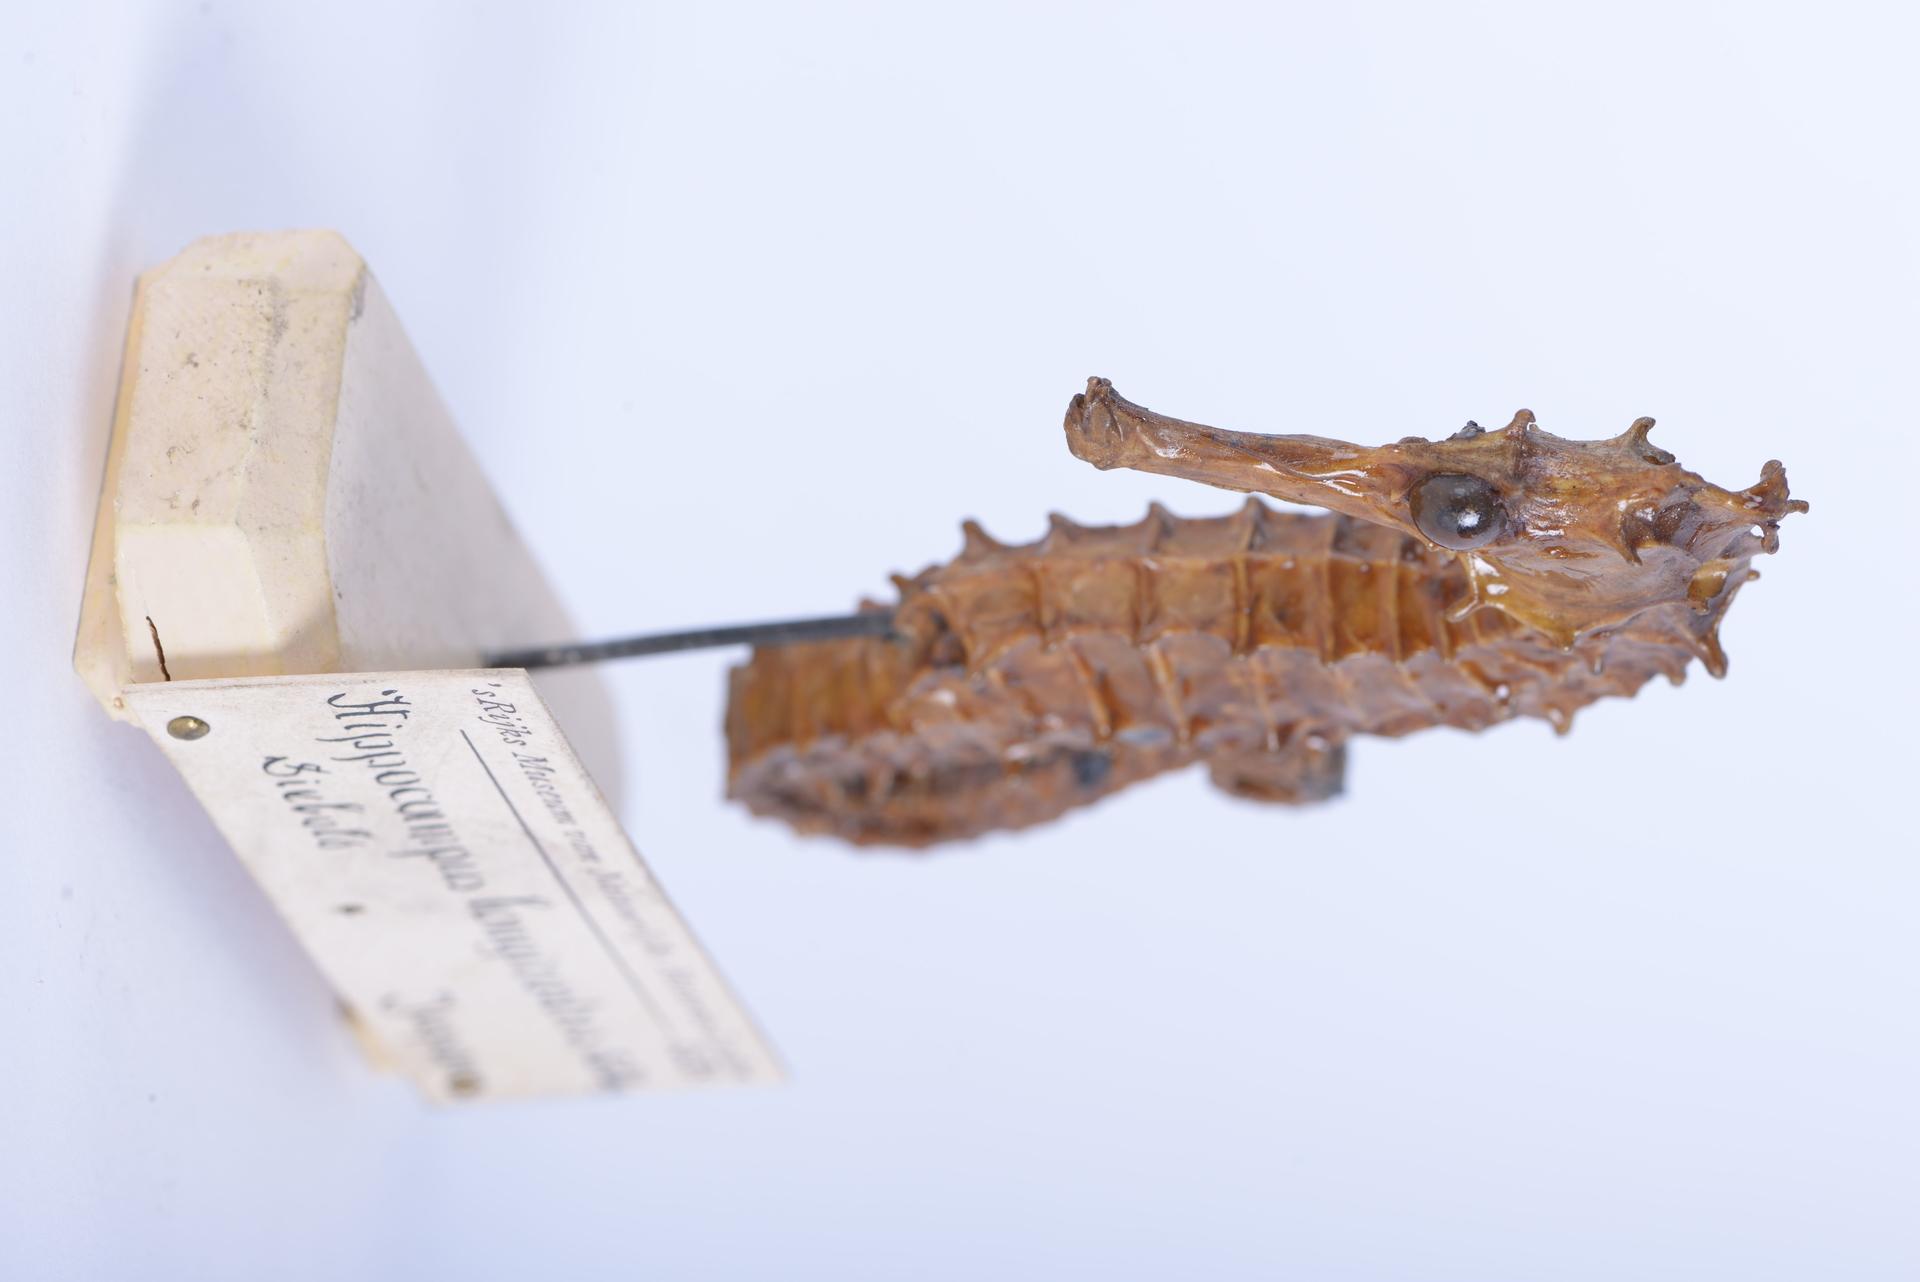 RMNH.PISC.D.1534 | Hippocampus longirostris Schinz, 1822